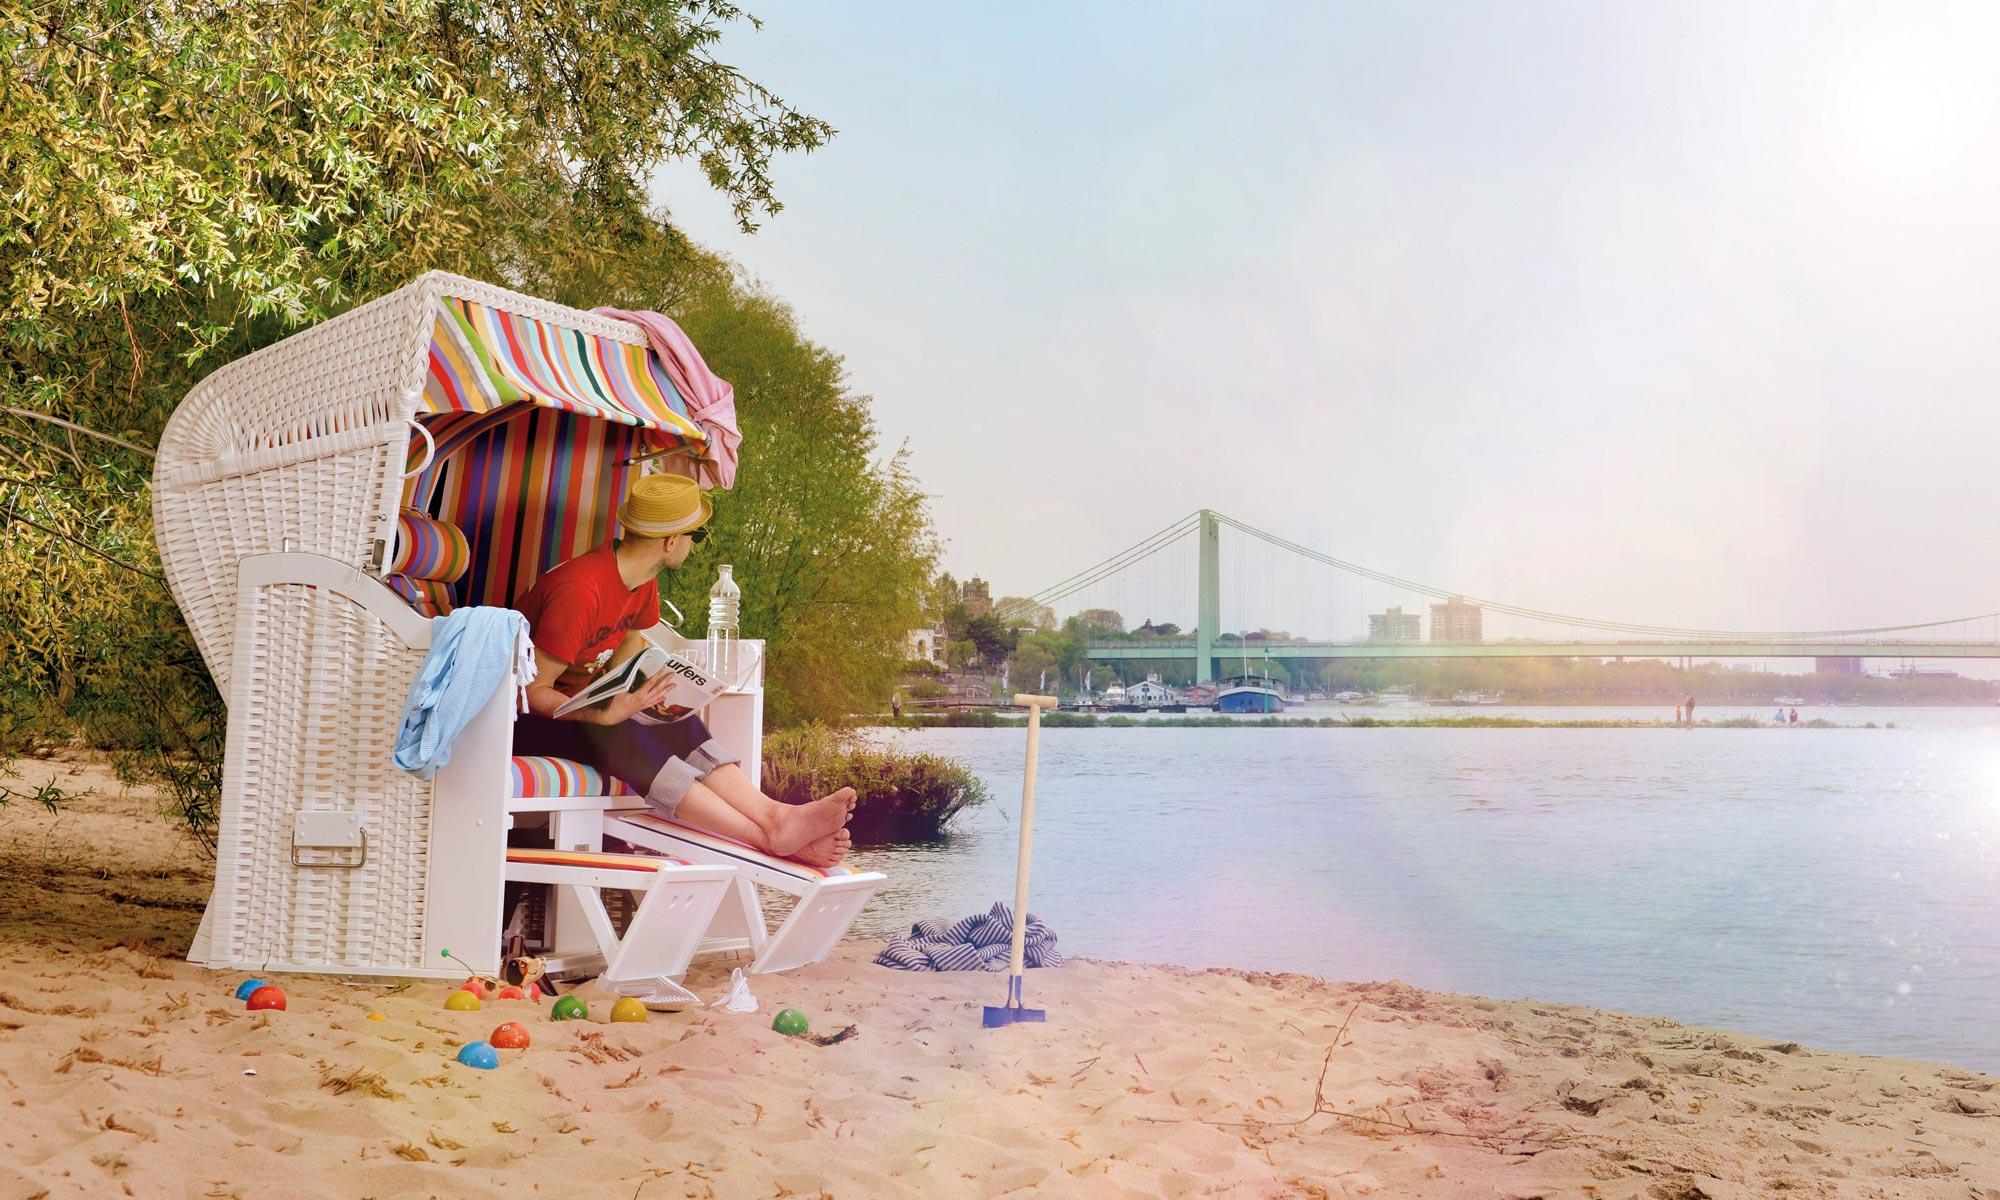 Strandkorbhersteller SonnenPartner